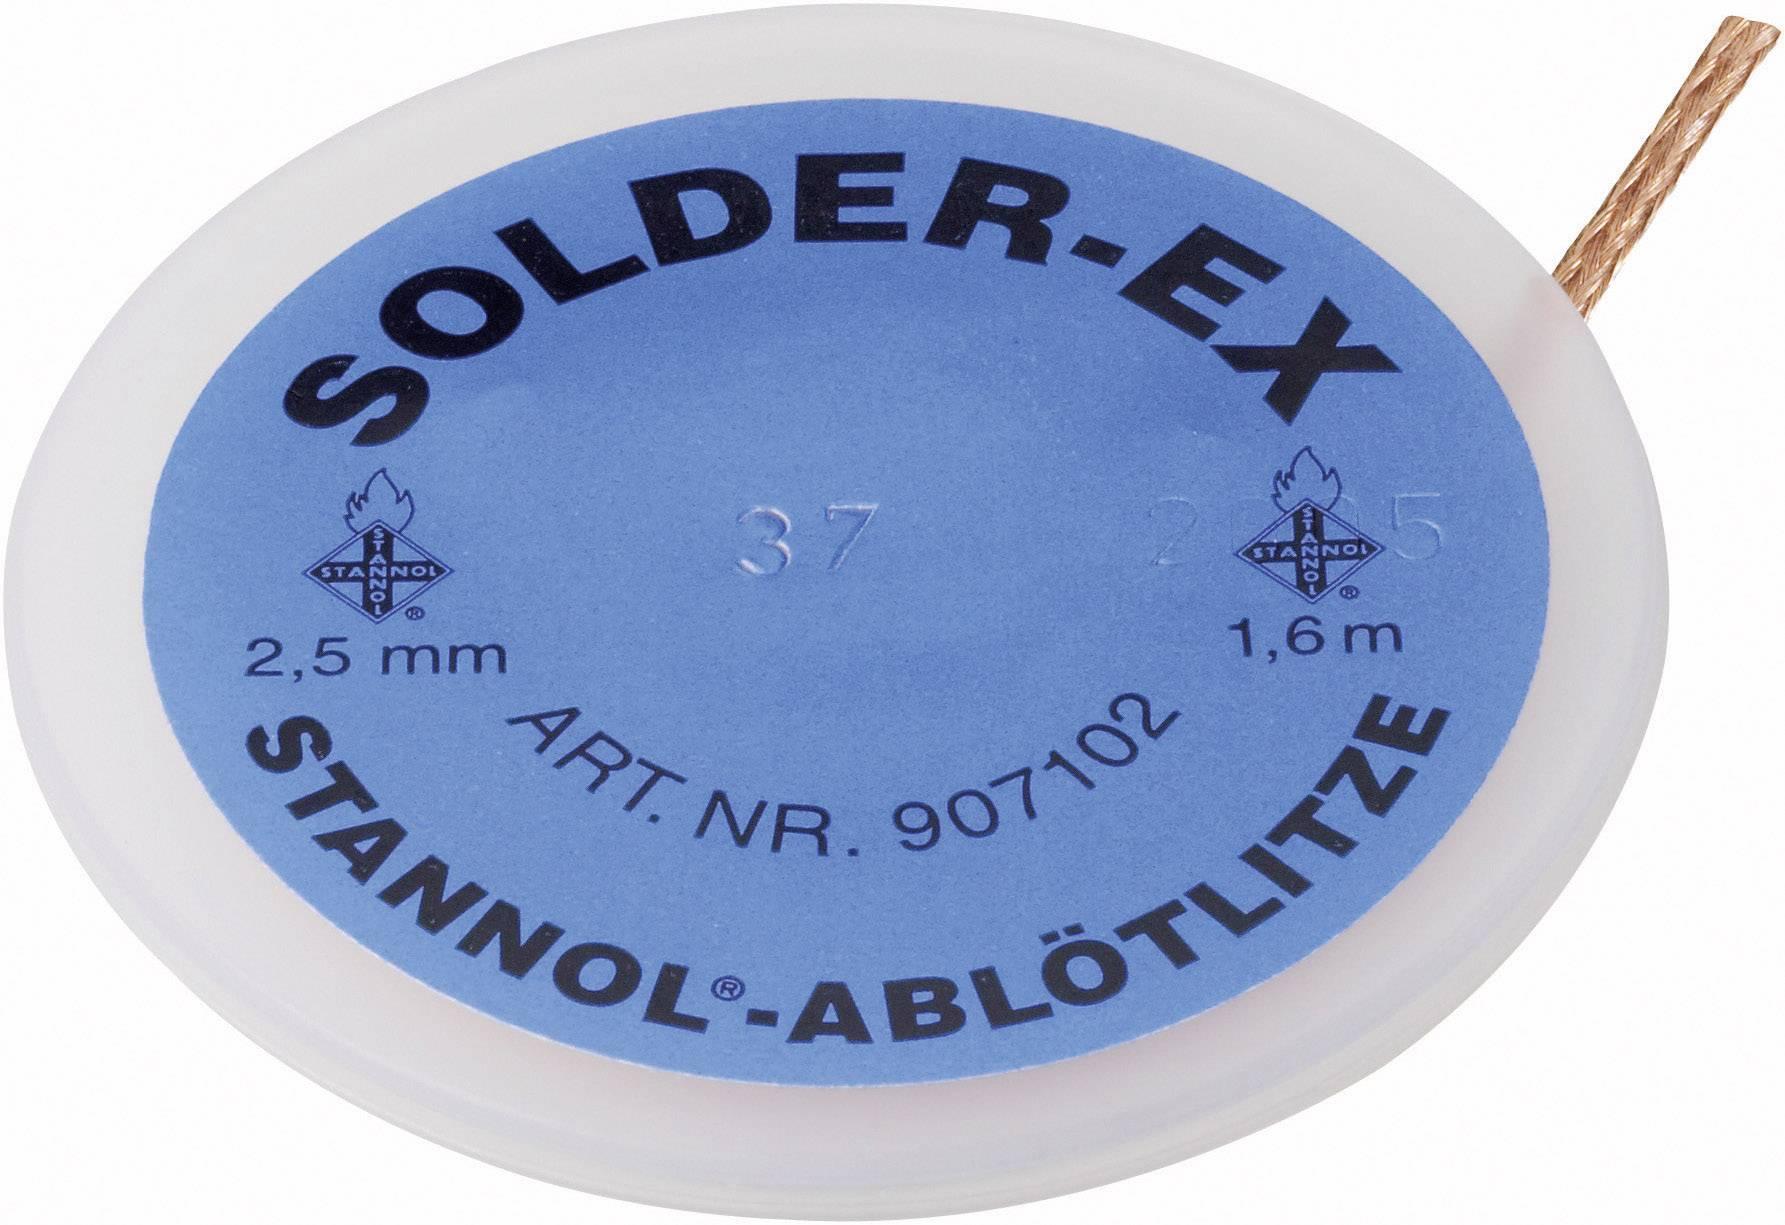 Odpájecí lanko Stannol Solder,délka 1.6 m, šířka 1.5 mm